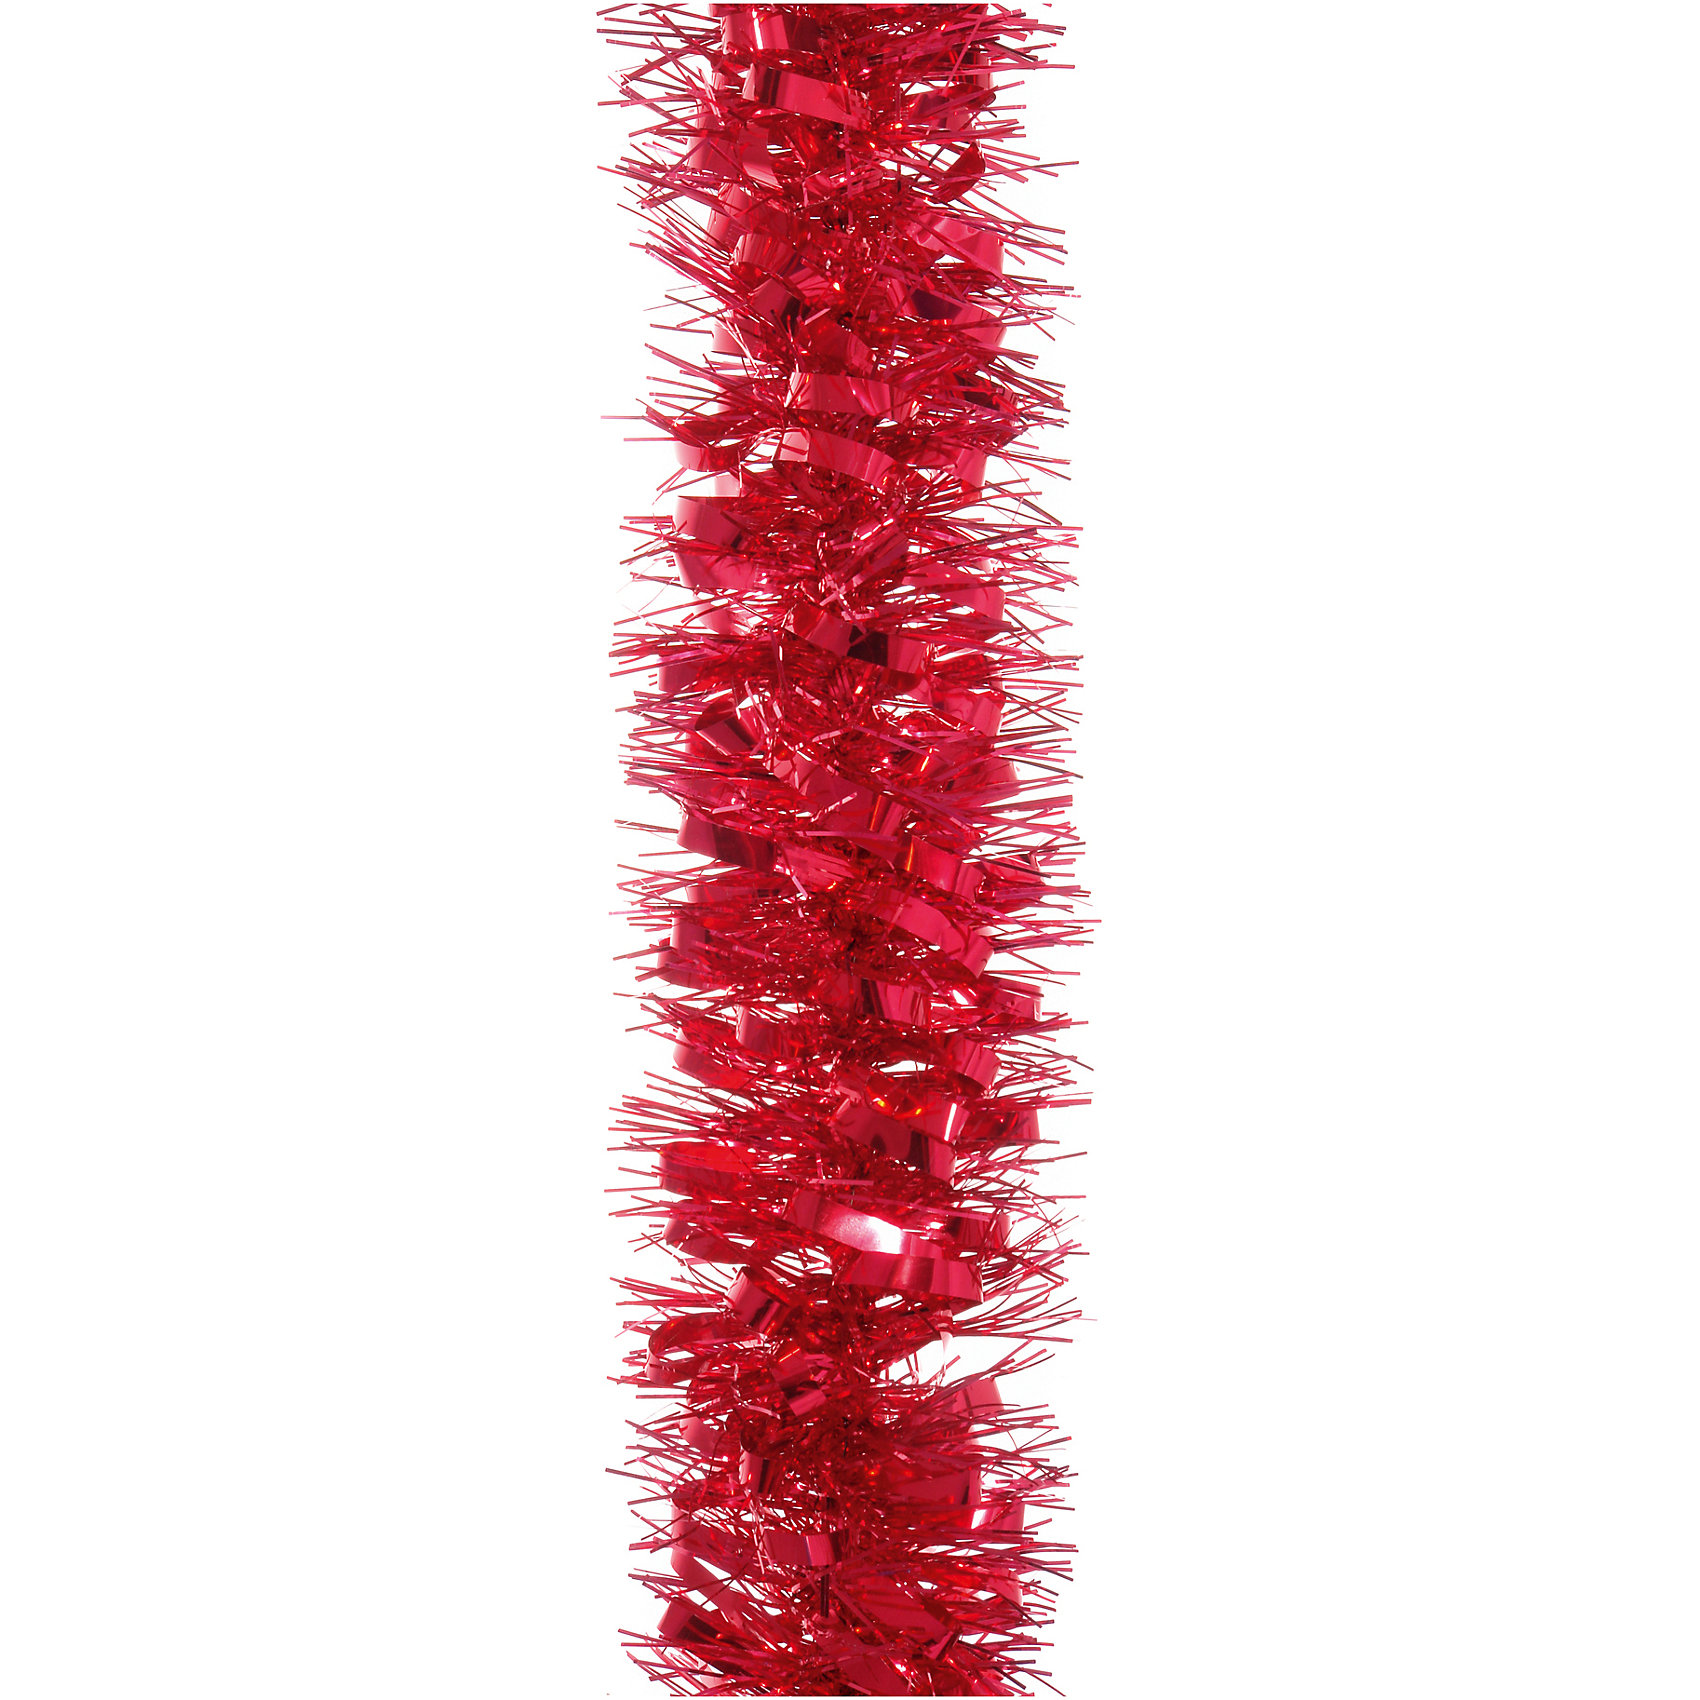 Красная мишураКрасная мишура, Волшебная страна, станет замечательным украшением Вашей новогодней елки или интерьера и поможет создать праздничную волшебную атмосферу. Мишура насыщенного красного цвета состоит из шести слоев, она будет чудесно смотреться на елке и радовать детей и взрослых. <br><br>Дополнительная информация:<br><br>- Цвет: красный.<br>- Материал: лавсан.<br>- Размер мишуры: 10 см. х 2 м.<br>- Вес: 90 гр. <br><br>Красную мишуру, Волшебная страна, можно купить в нашем интернет-магазине.<br><br>Ширина мм: 2010<br>Глубина мм: 100<br>Высота мм: 100<br>Вес г: 93<br>Возраст от месяцев: 36<br>Возраст до месяцев: 2147483647<br>Пол: Унисекс<br>Возраст: Детский<br>SKU: 4288630